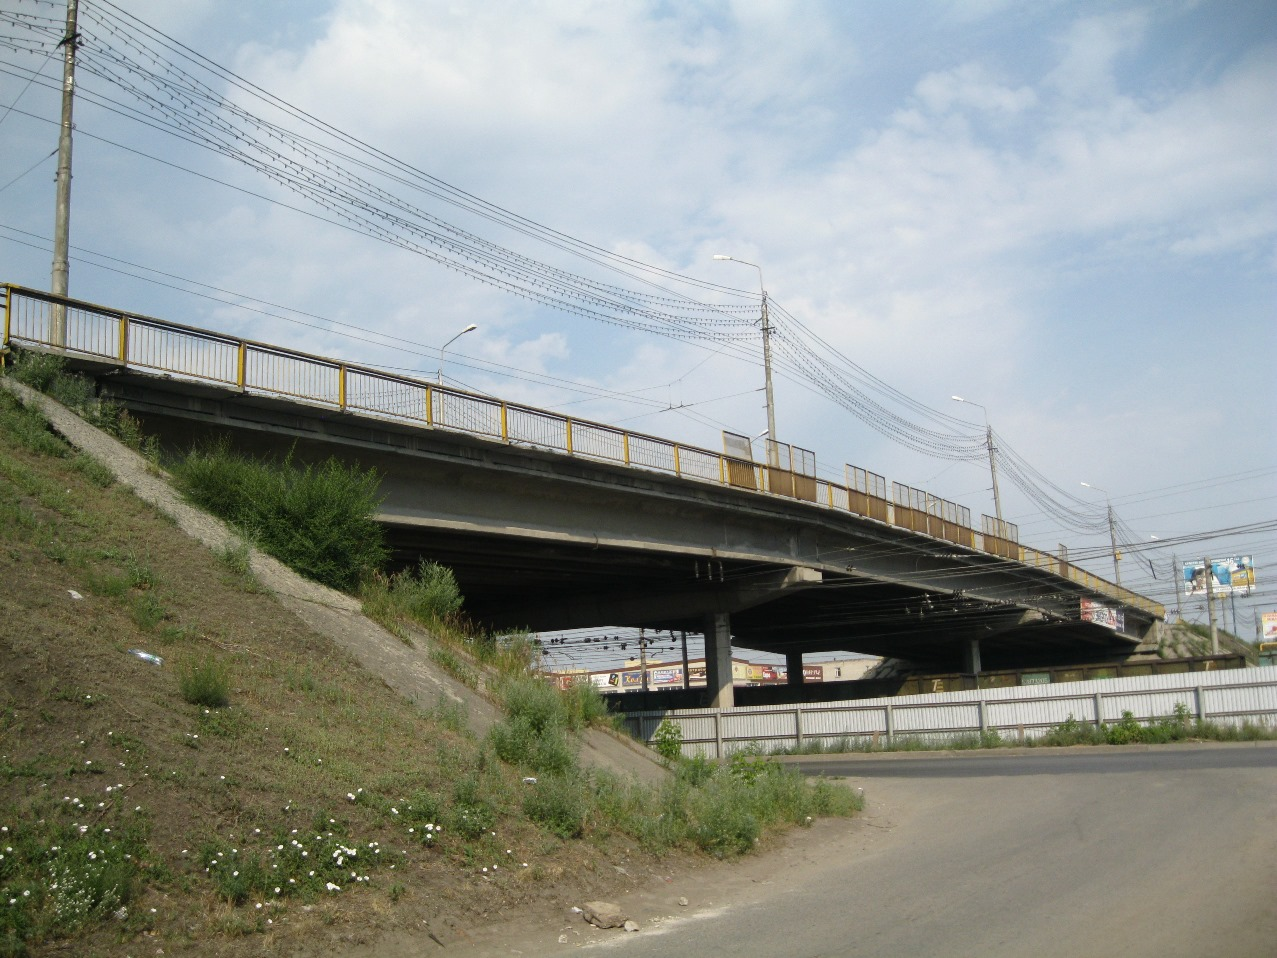 В Курганской области в 2020 году отремонтируют 7 мостов и путепроводов